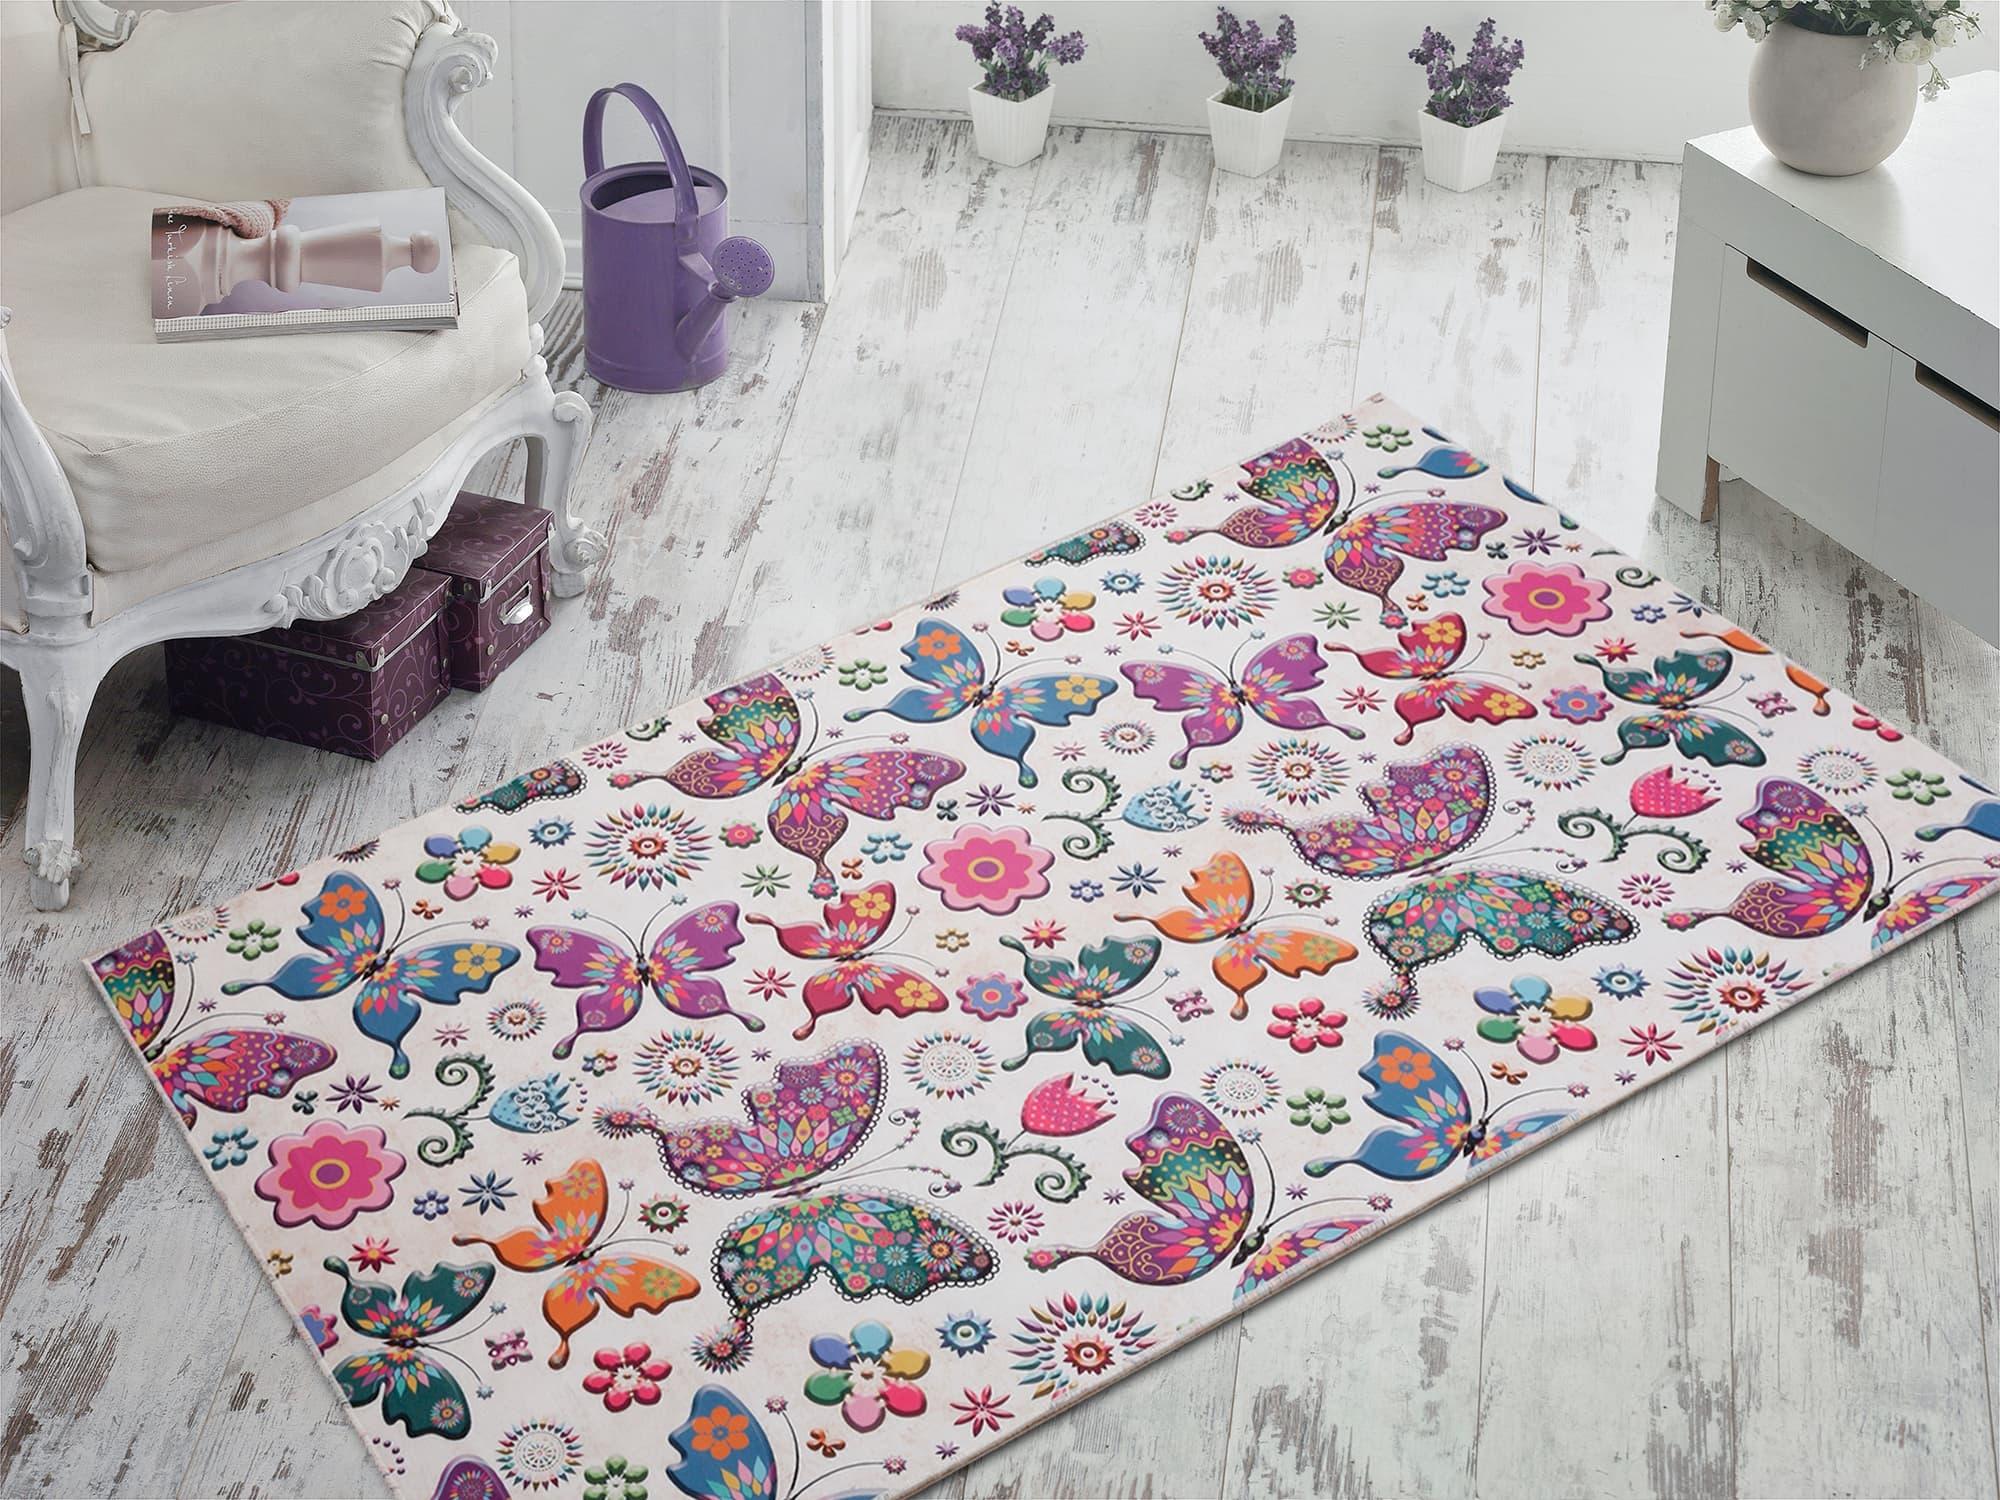 Covor pentru copii Butterfly 2008 Multicolor, 50 x 80 cm imagine